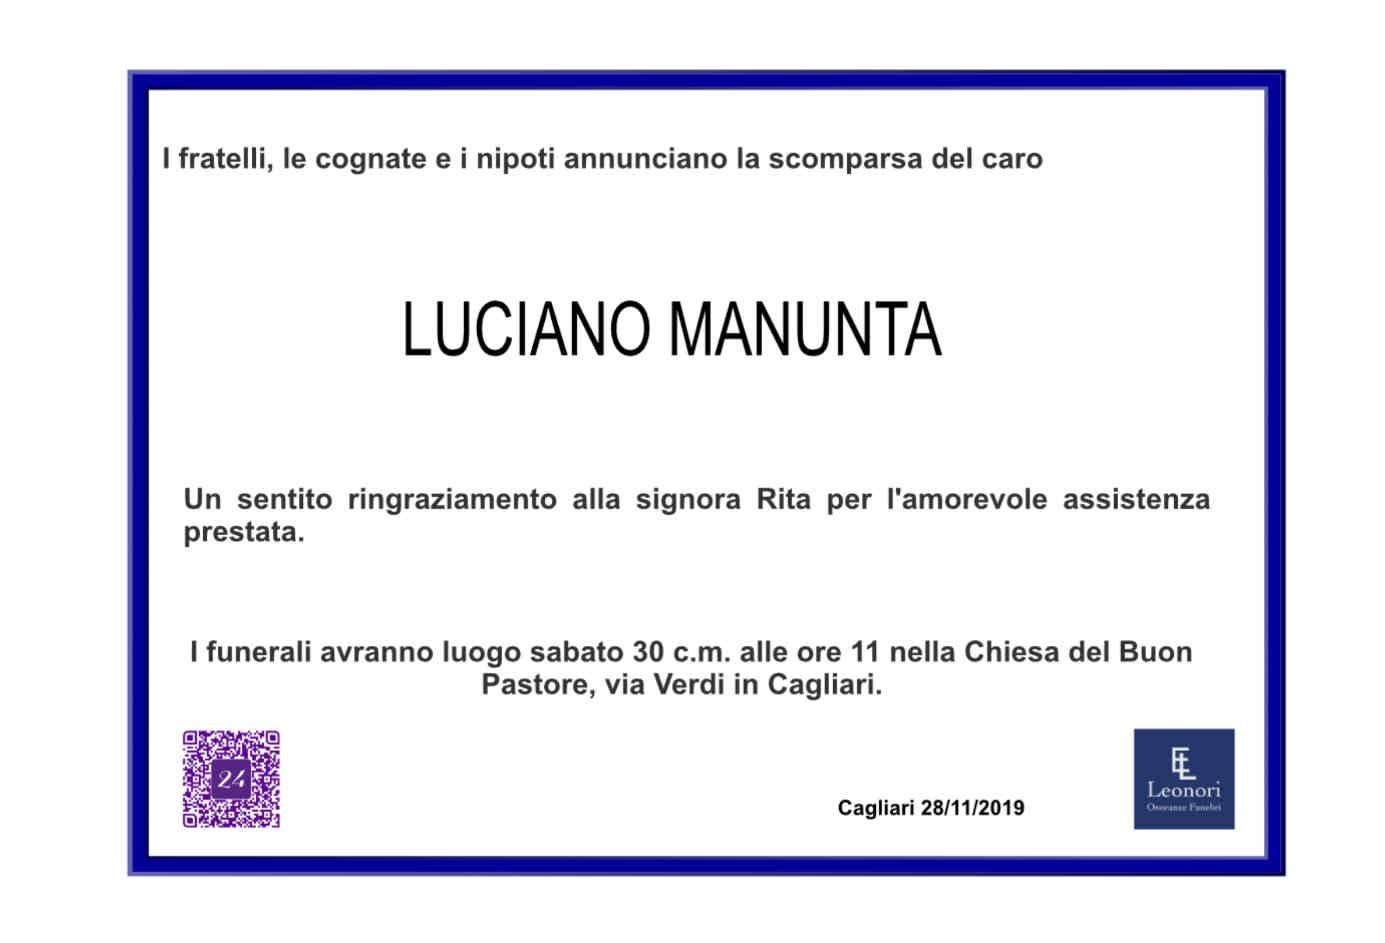 Luciano Manunta